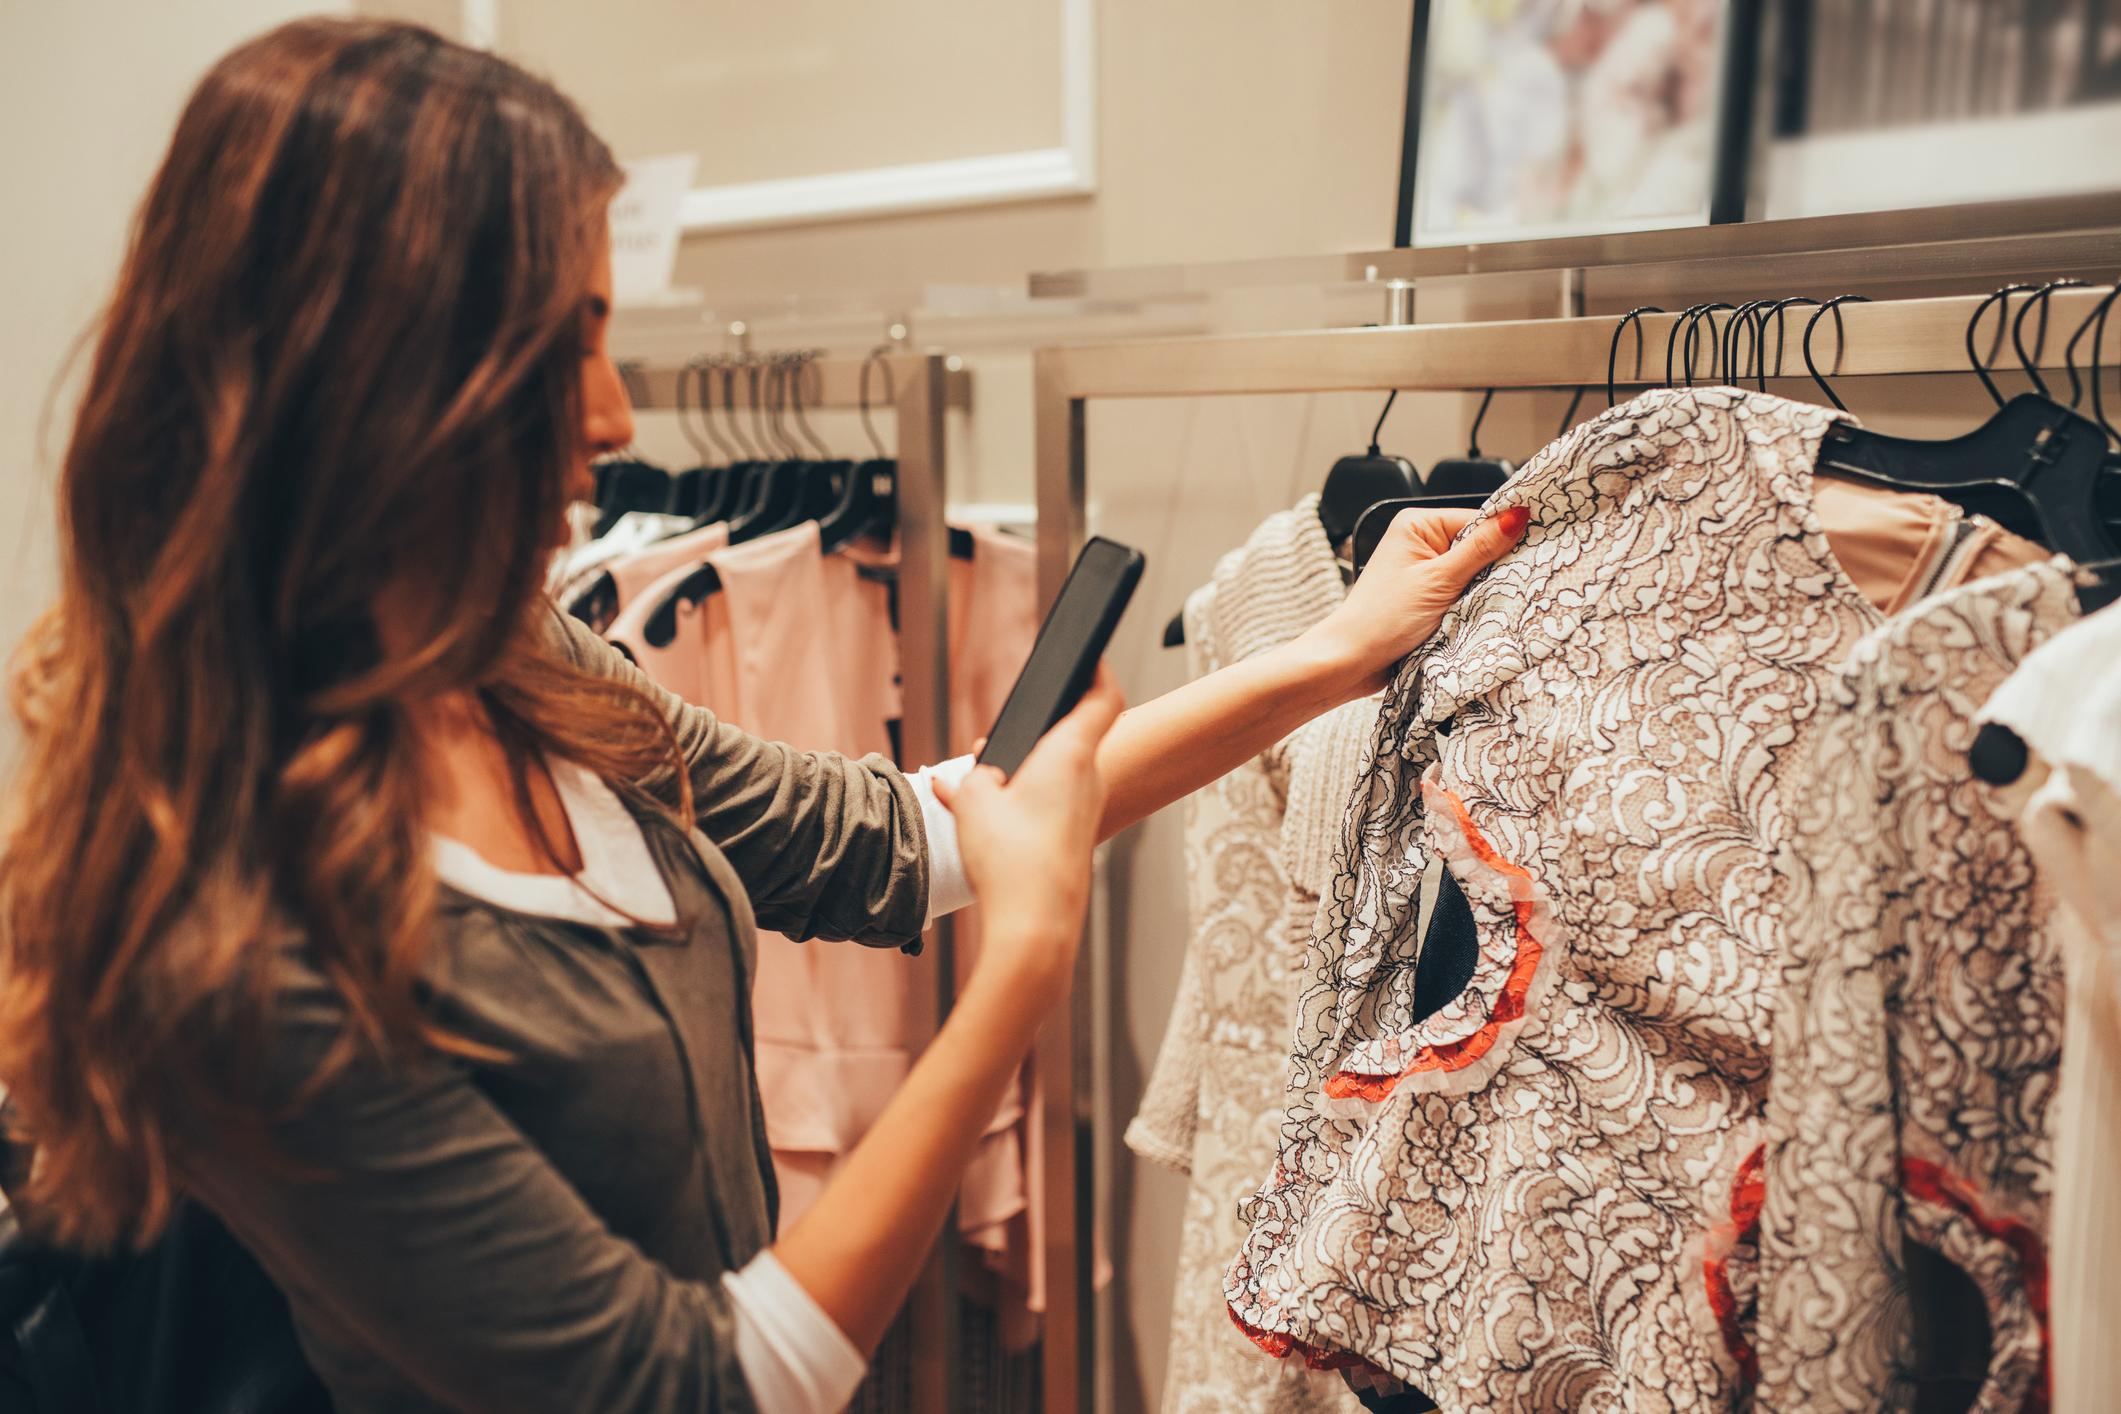 donna sceglie vestiti